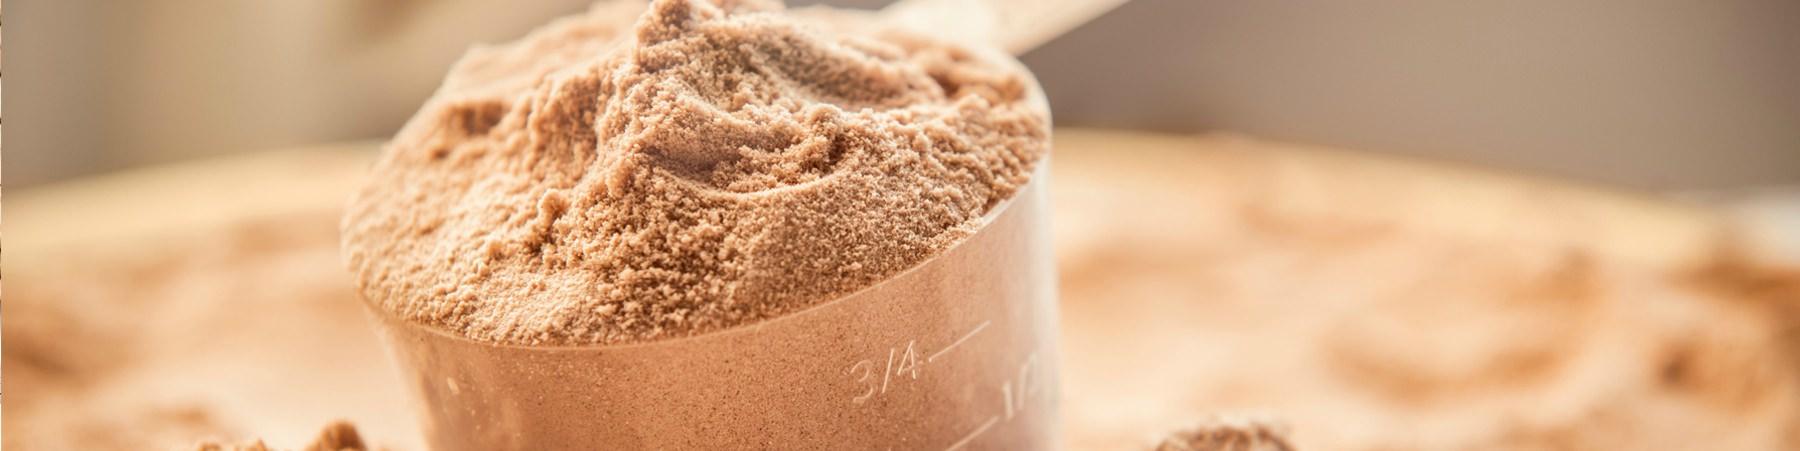 la-importancia-de-incluir-proteinas-en-tu-dieta